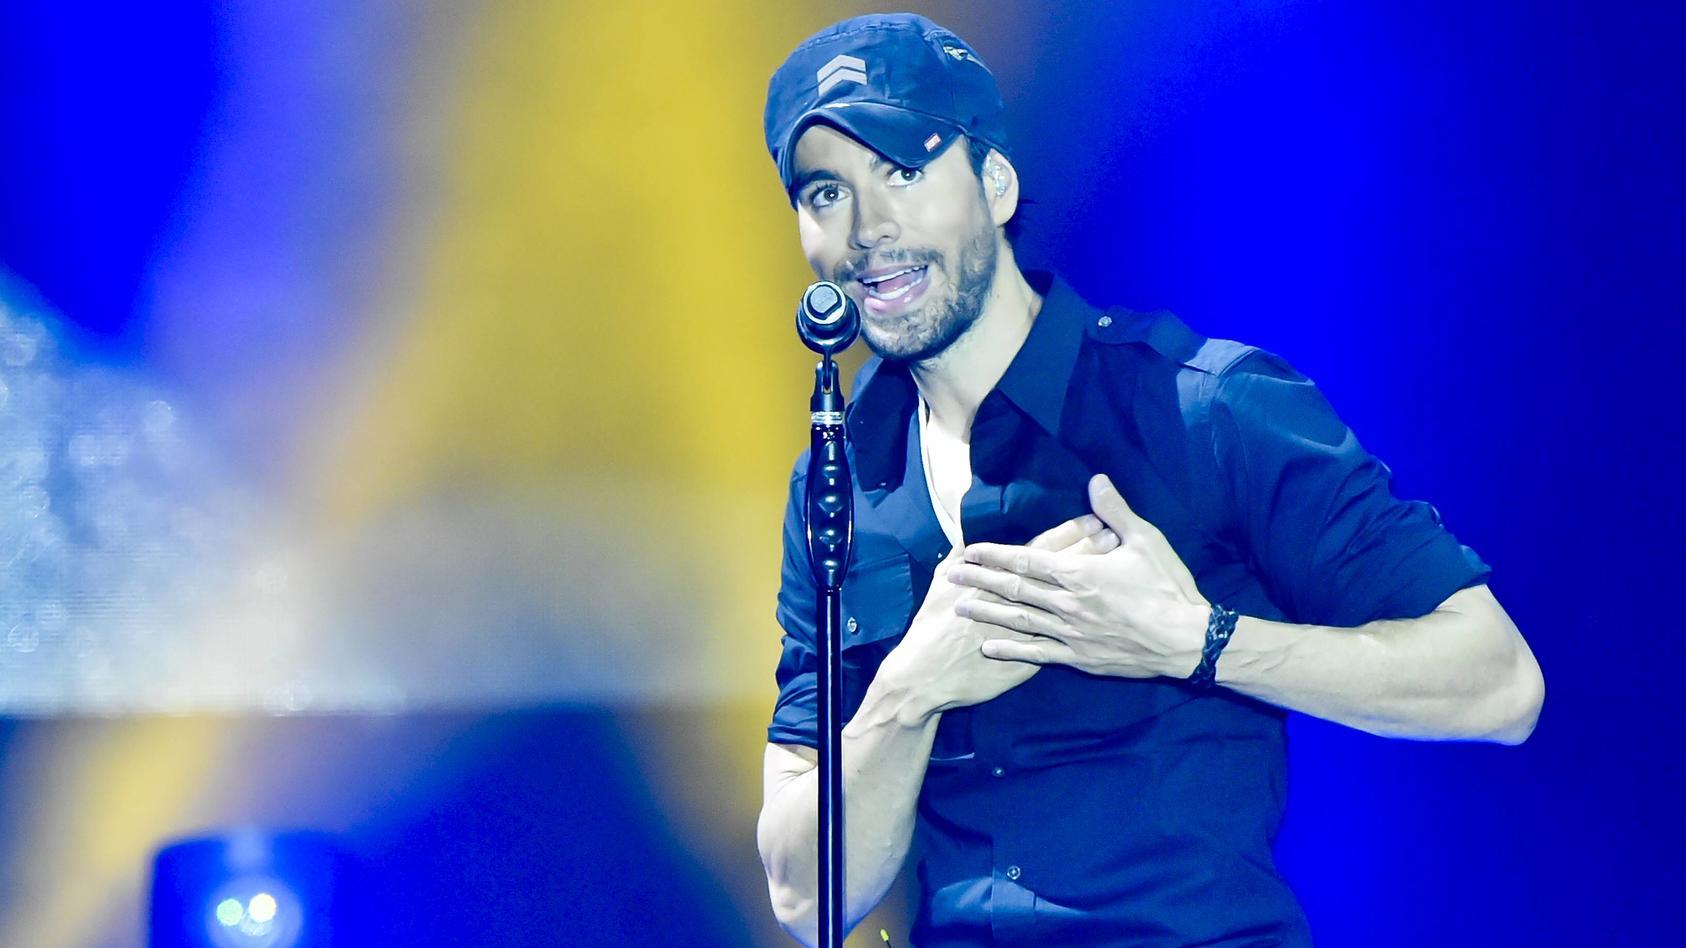 Wird der Schmusesänger Enrique Iglesias sich bald aus dem Musik Business zurückziehen?